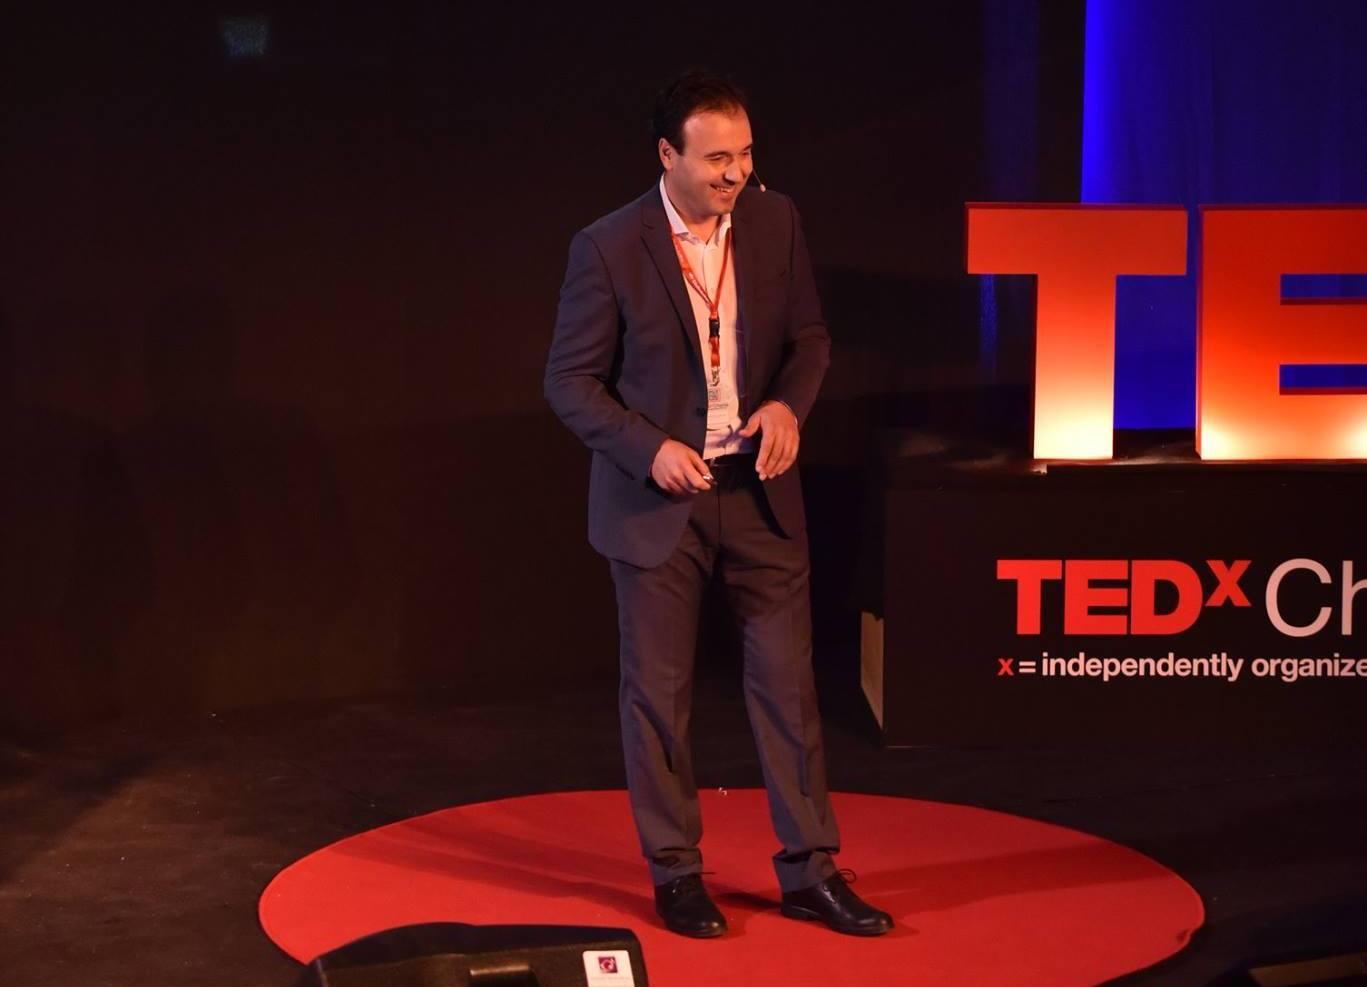 Όταν ο Ασκληπιός συνάντησε τον Μίνωα στο TEDx Χανίων